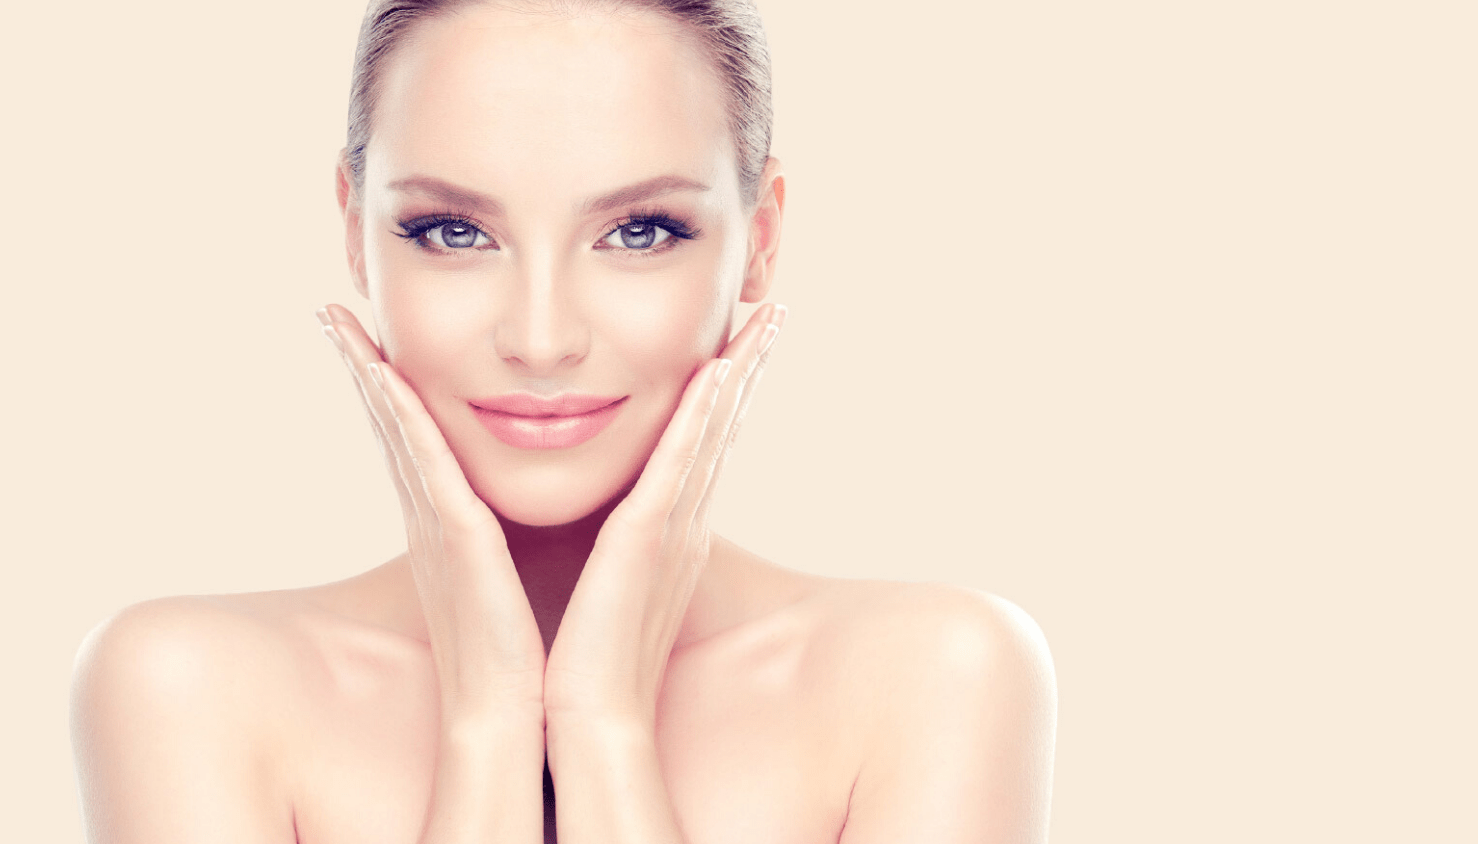 Somon DNA Tedavisi ile genç bir cilde sahip kadın